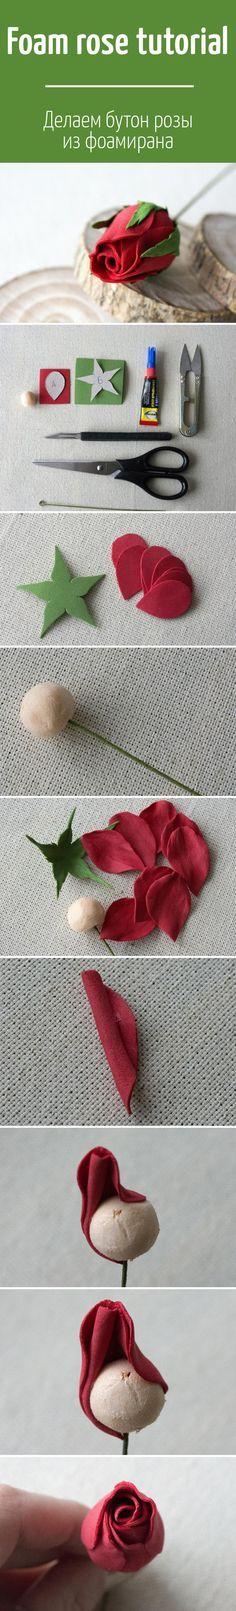 FOM Foam rose tutorial / Делаем бутон розы из фоамирана